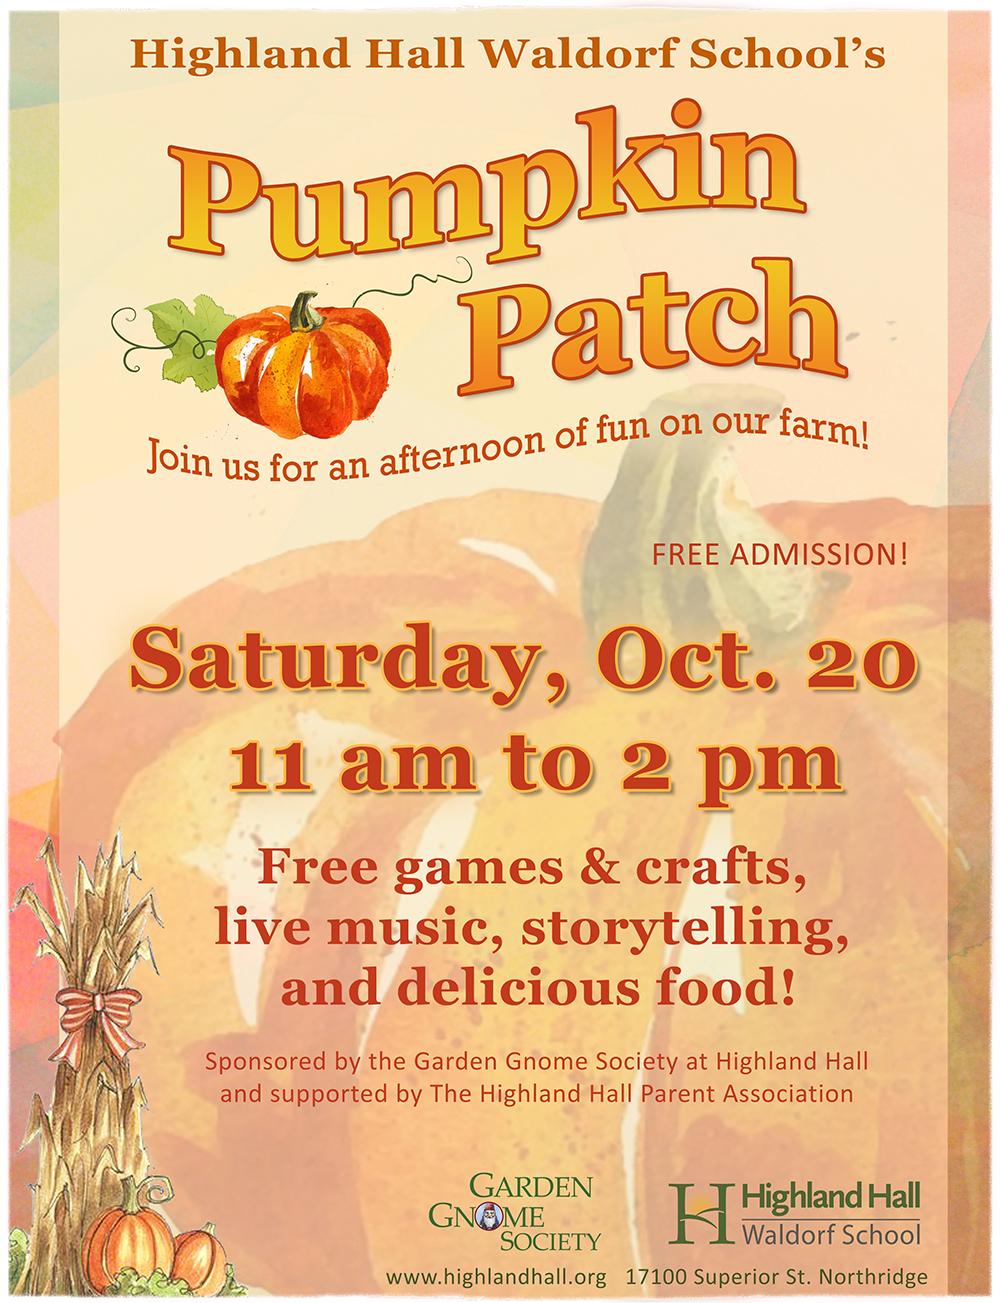 Pumpkin Patch 2018 Flyer 2 1000px.jpg